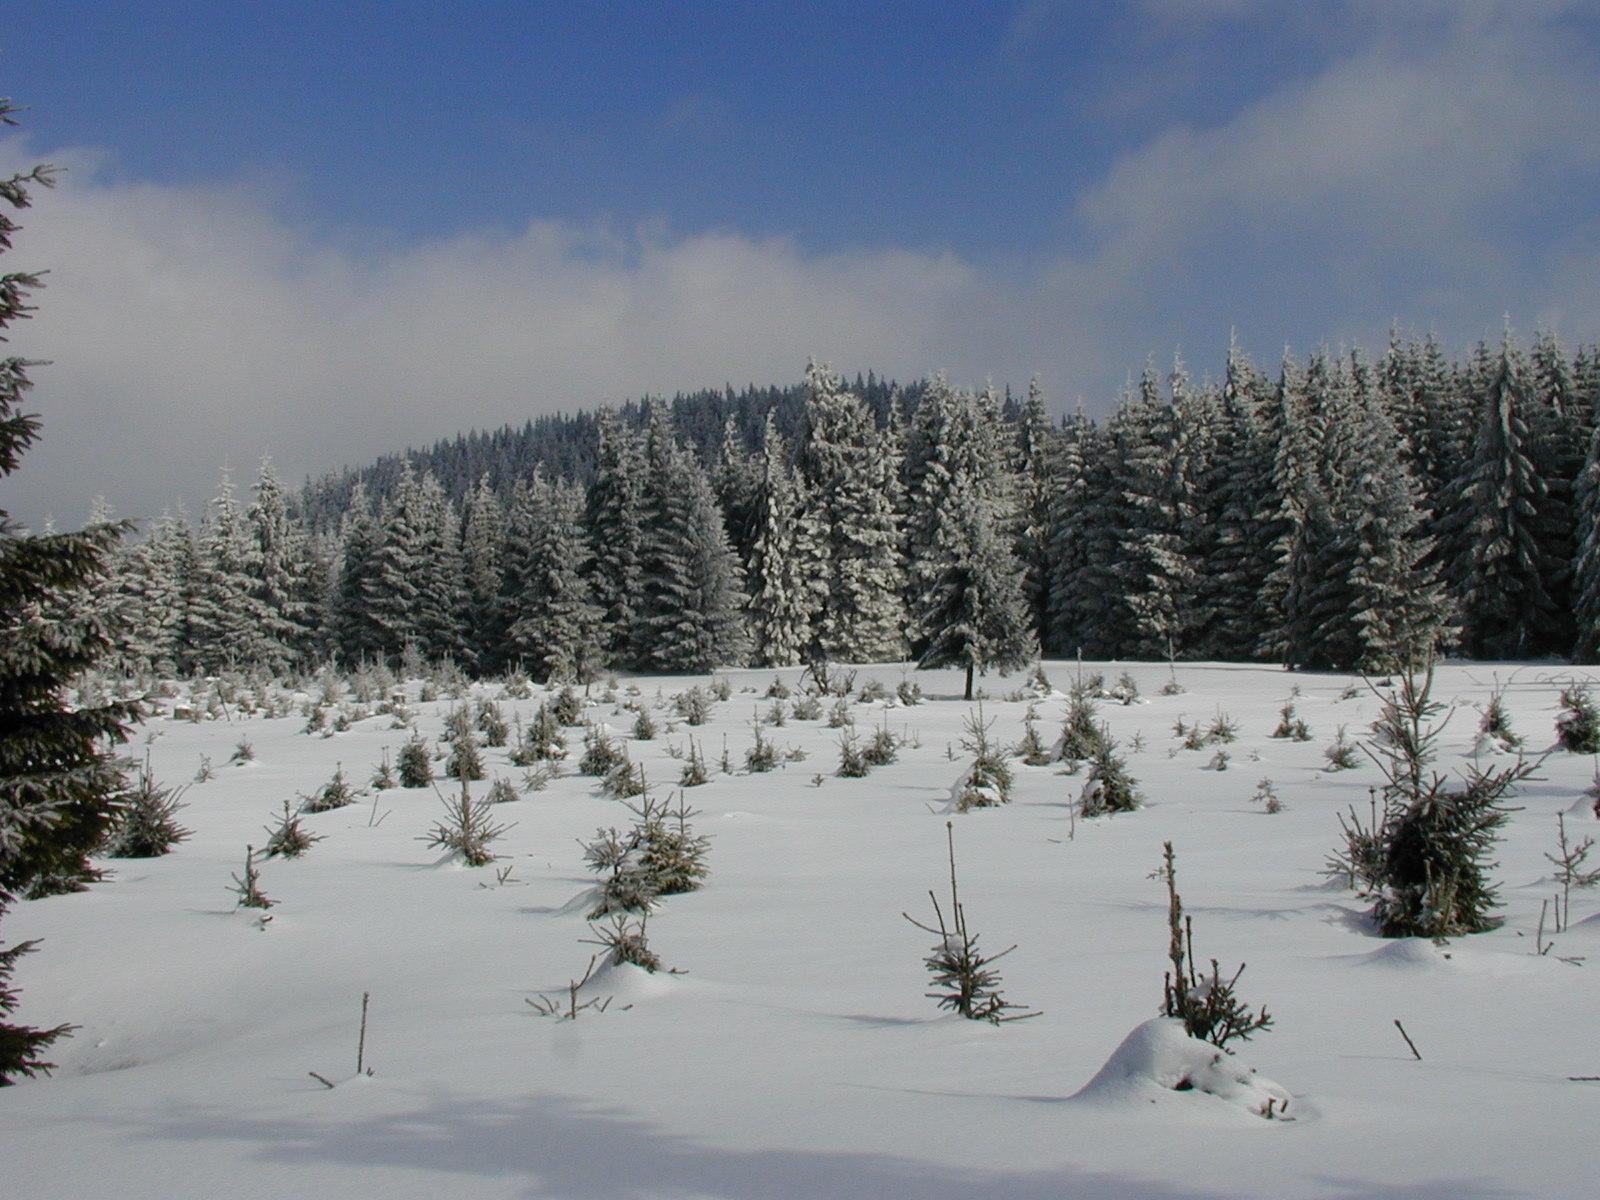 http://img.radio.cz/pictures/r/czech/krusne_hory/krusne_hory3.jpg